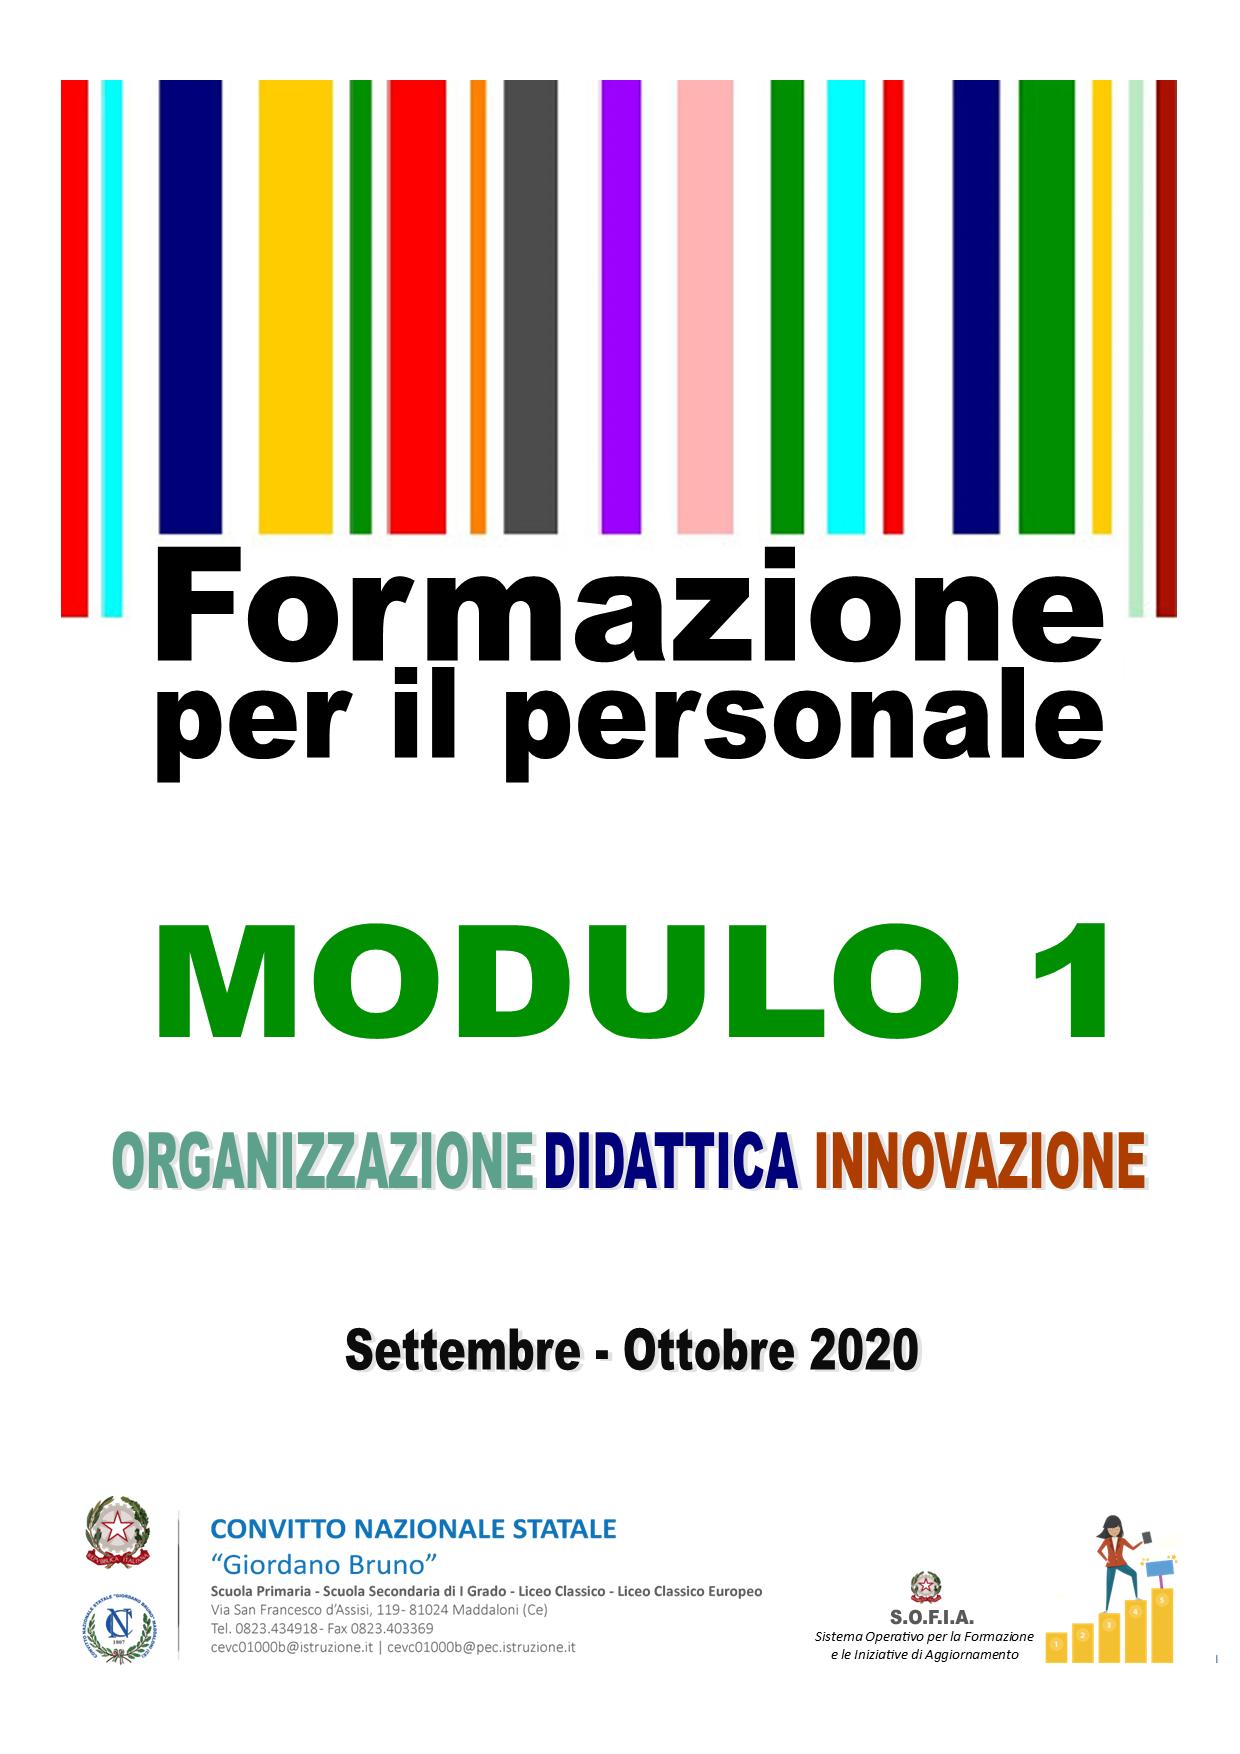 Corso di Formazione per l'innovazione didattica e organizzativa – Modulo 1